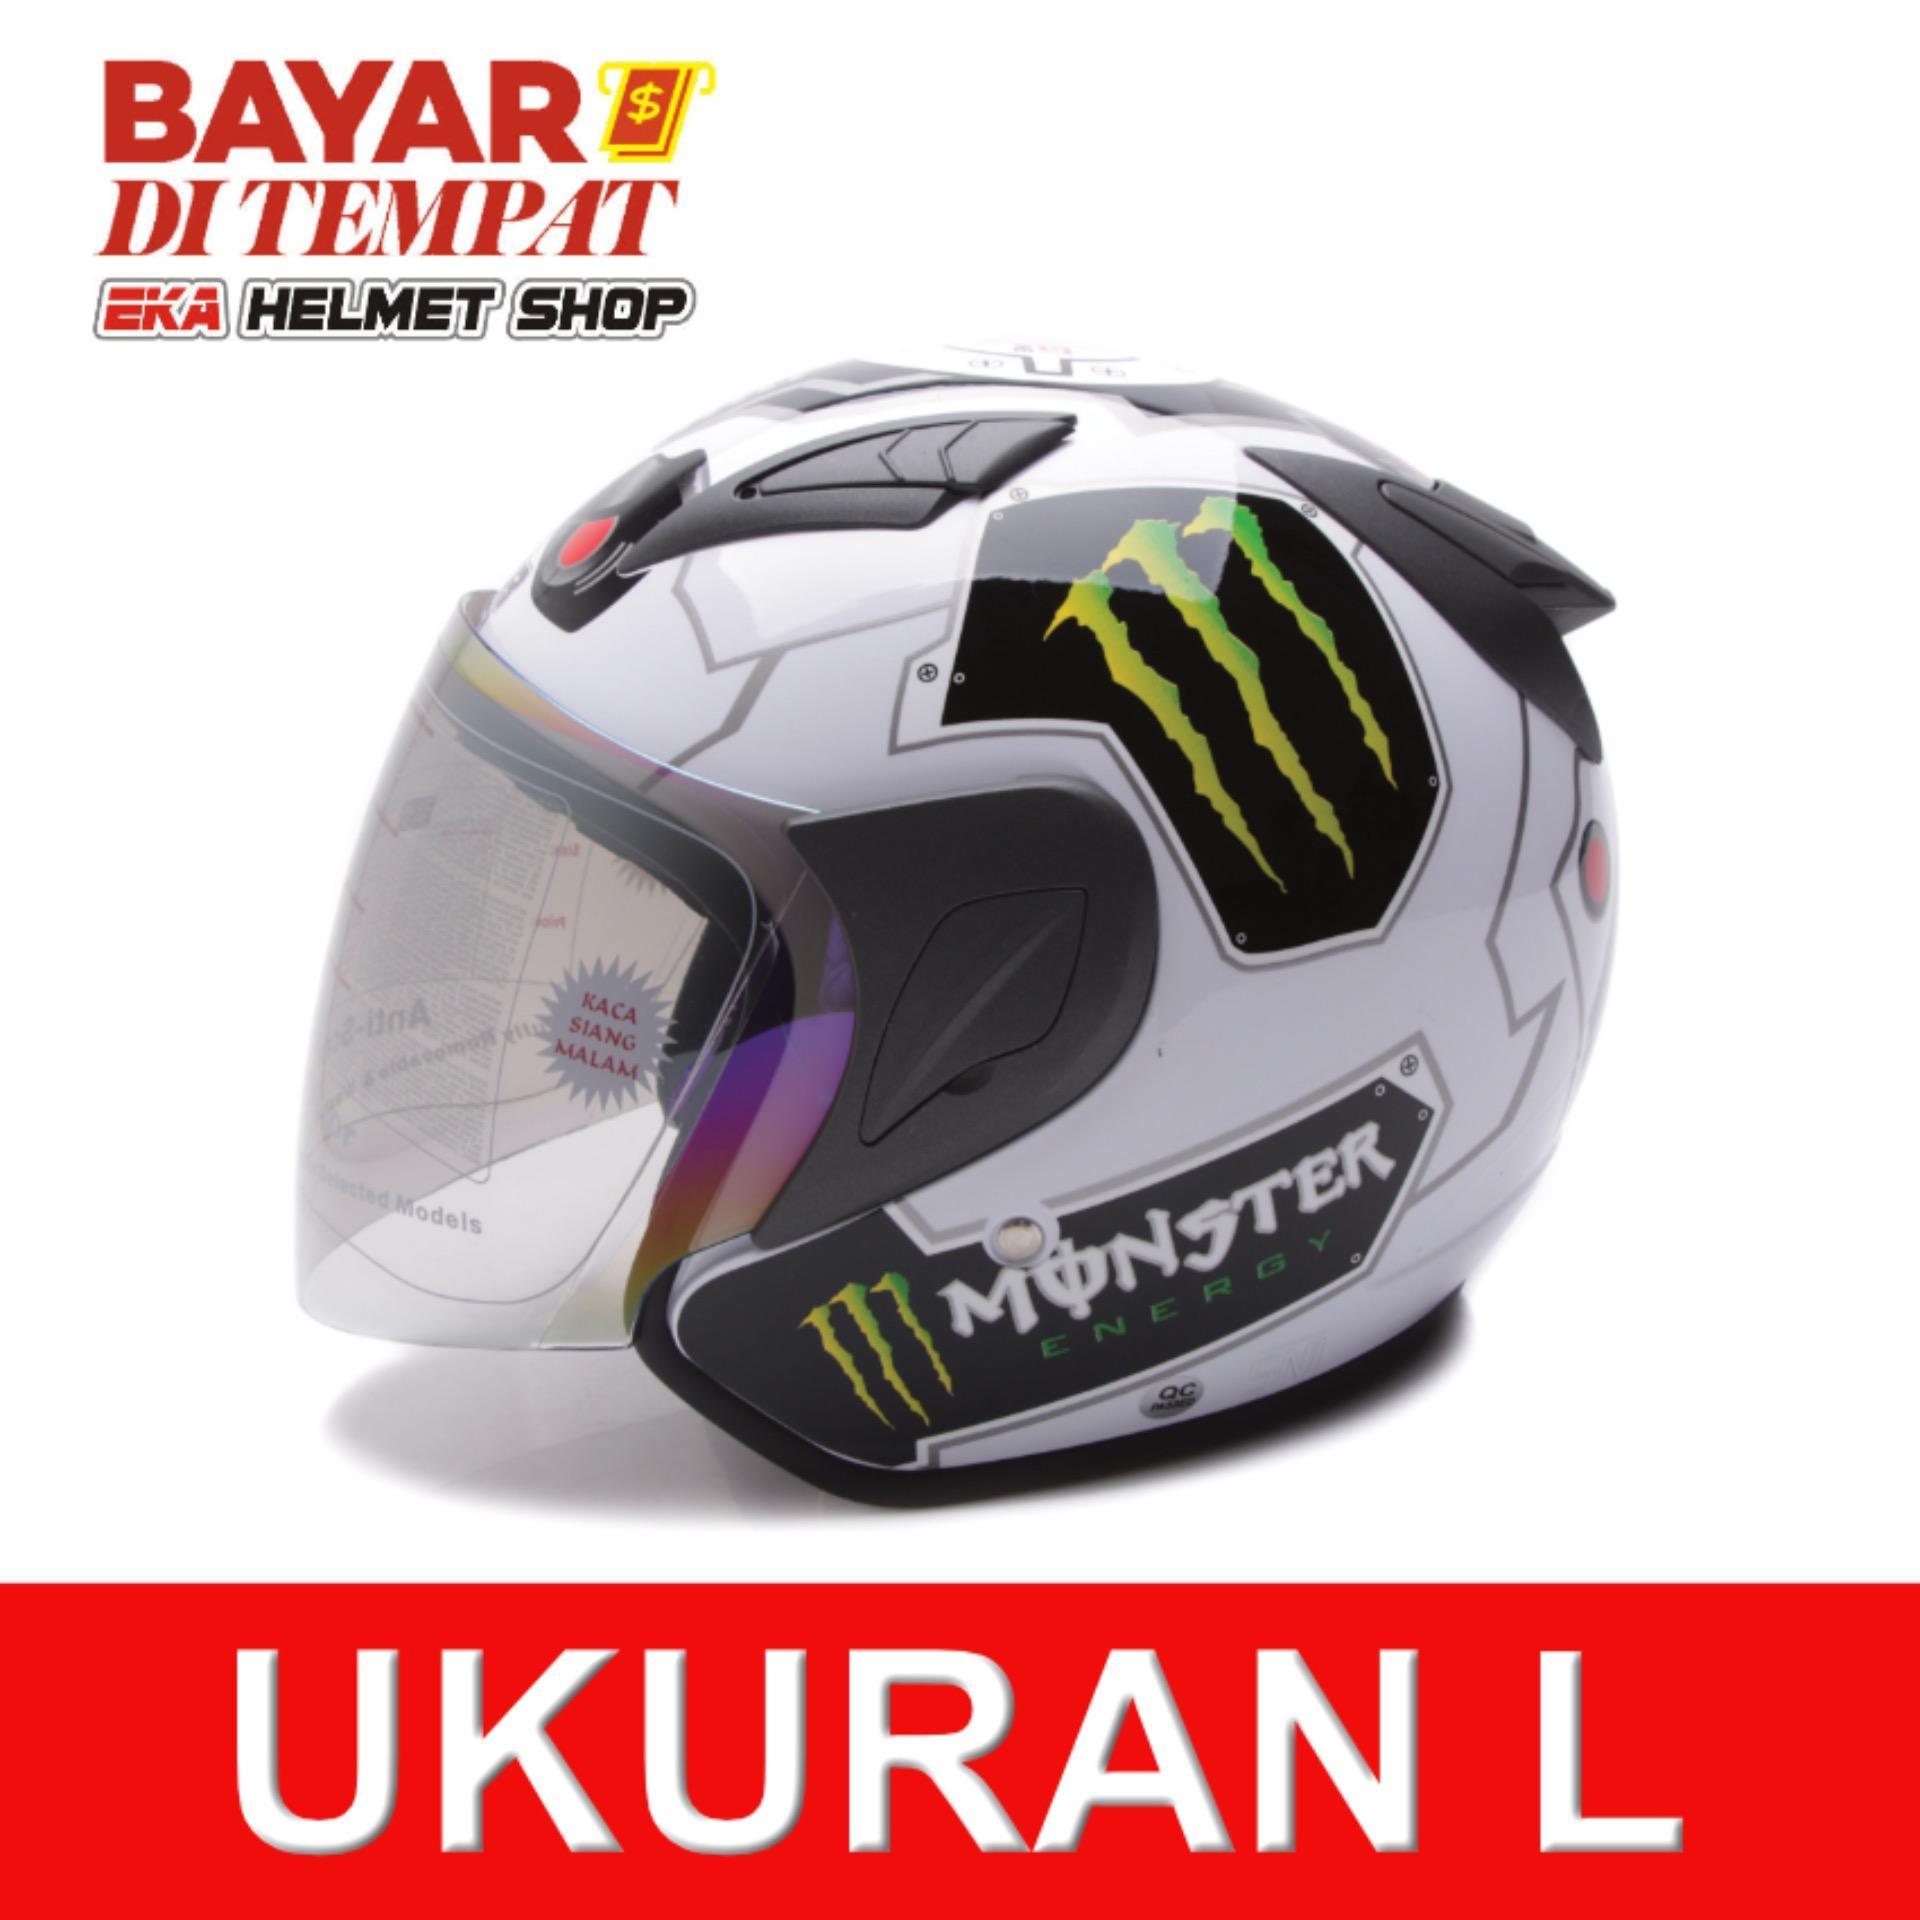 Jual Msr Helmet Javelin Monster Putih Banten Murah